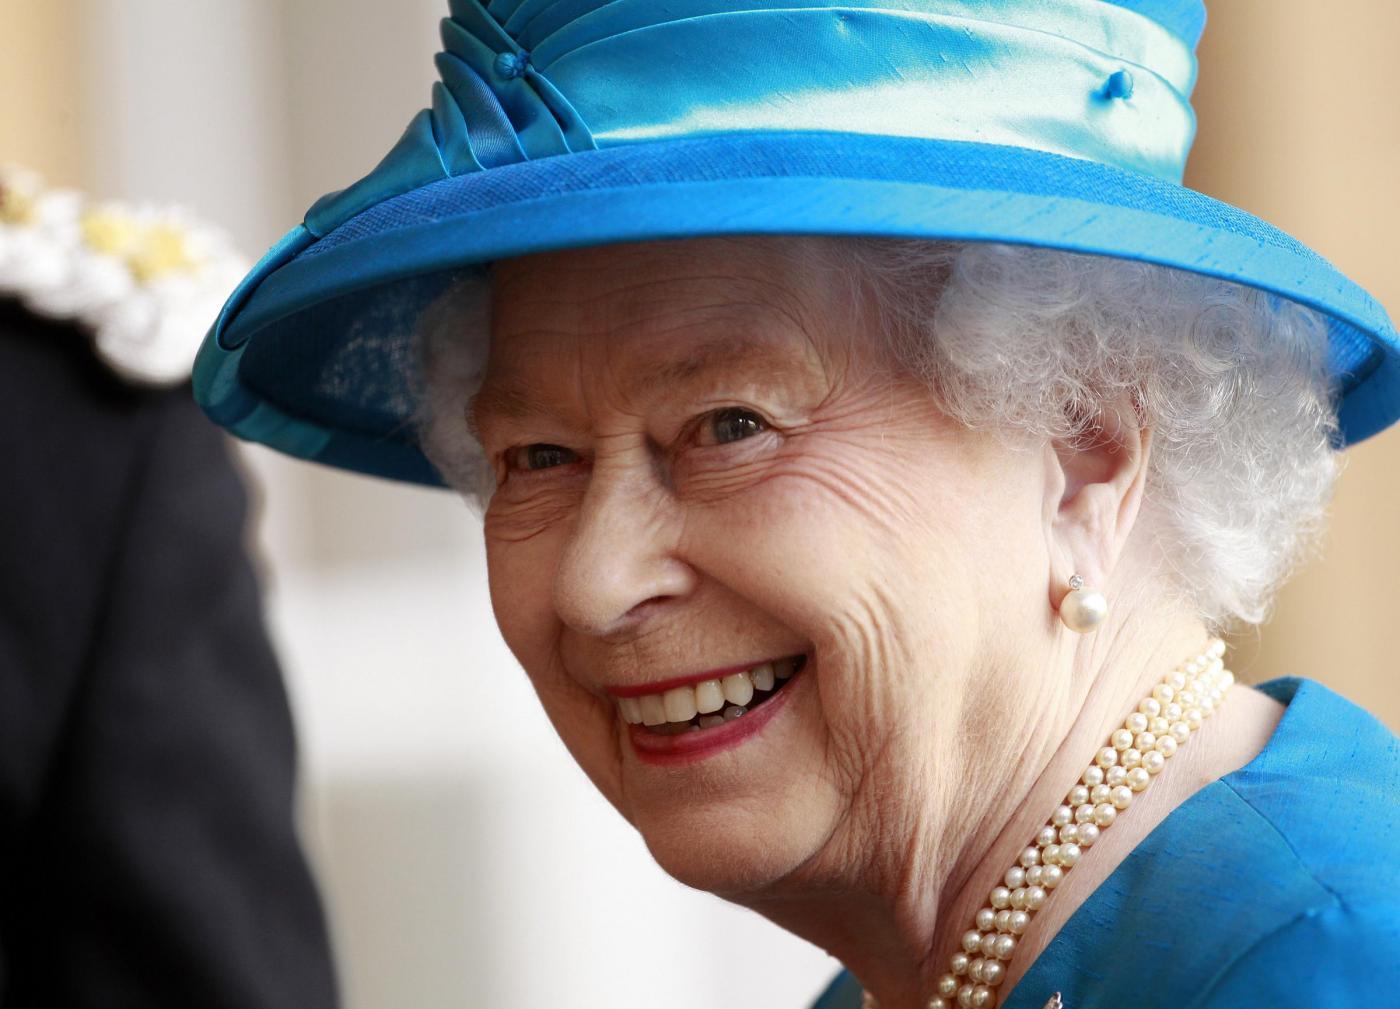 Regina Elisabetta cerca governante, 1600 euro per staccare chewing gum dei turisti